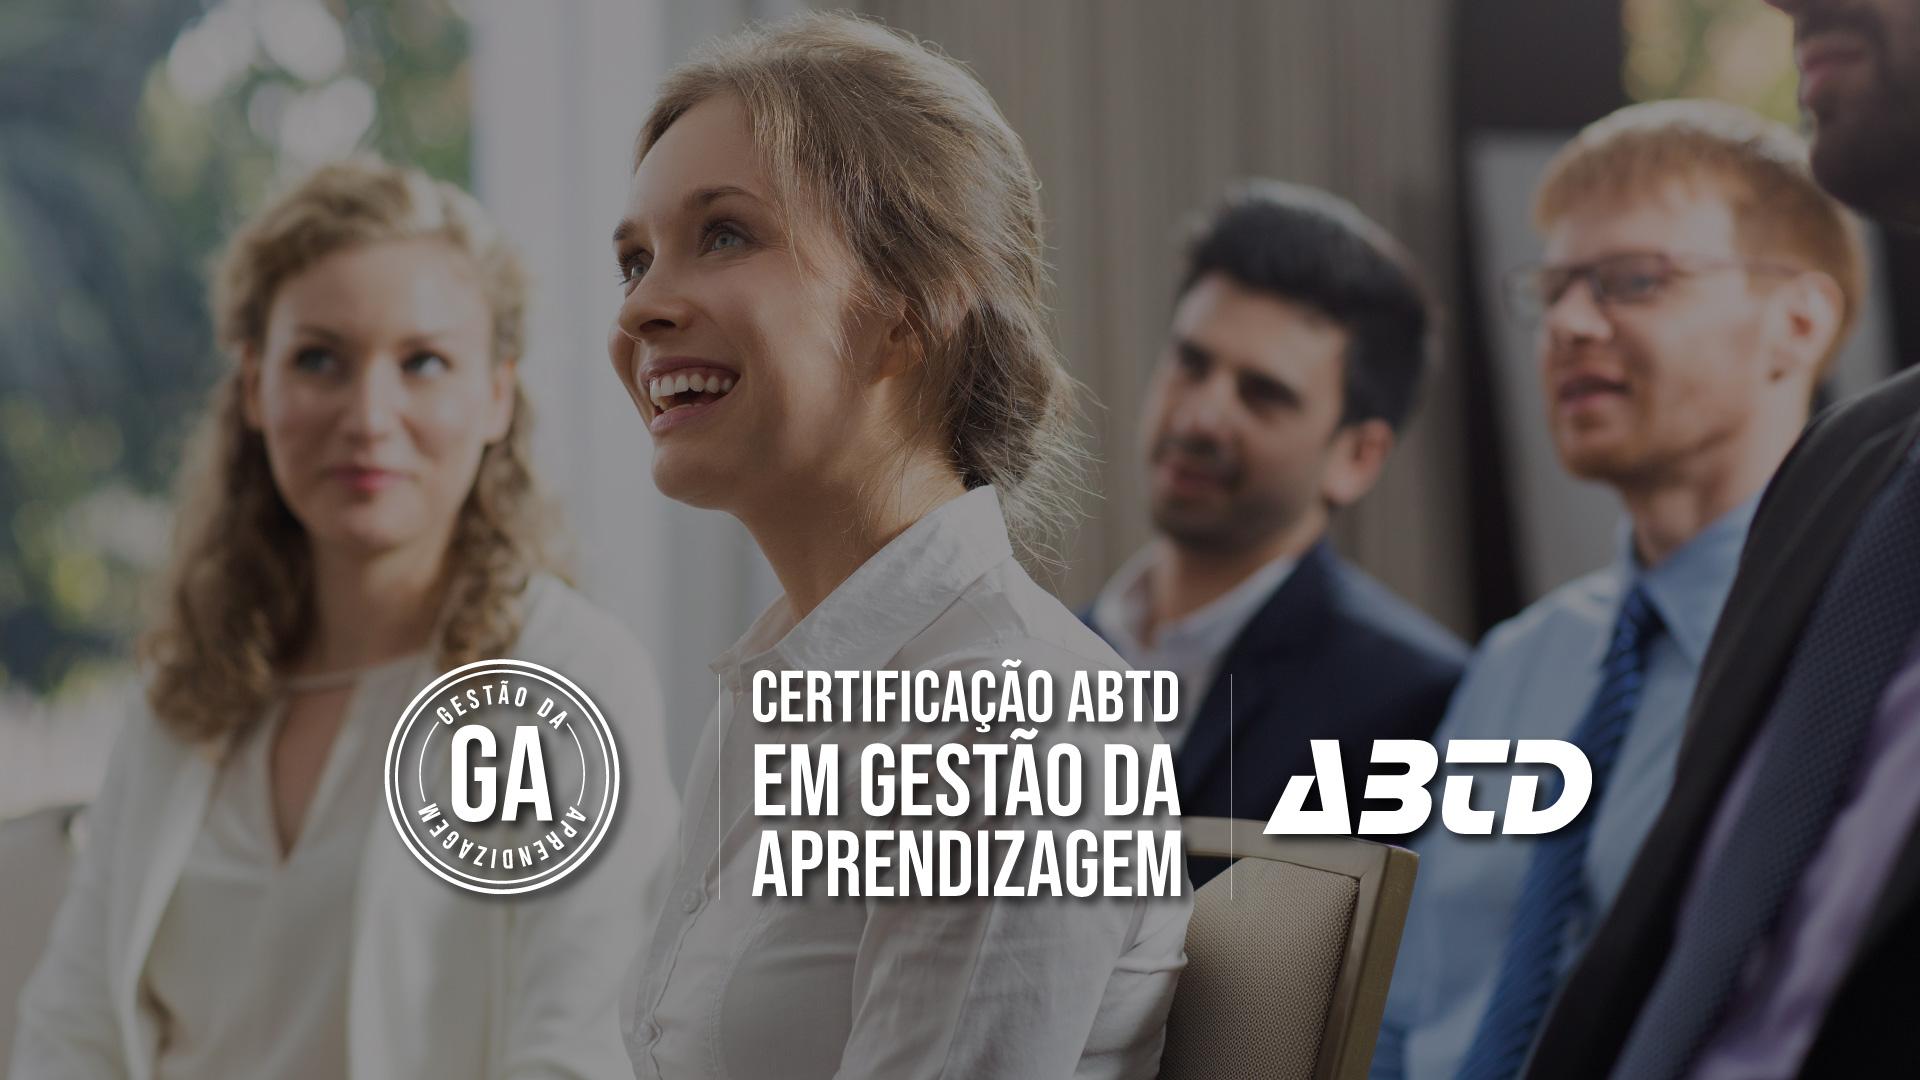 Certificação ABTD em gestão da aprendizagem